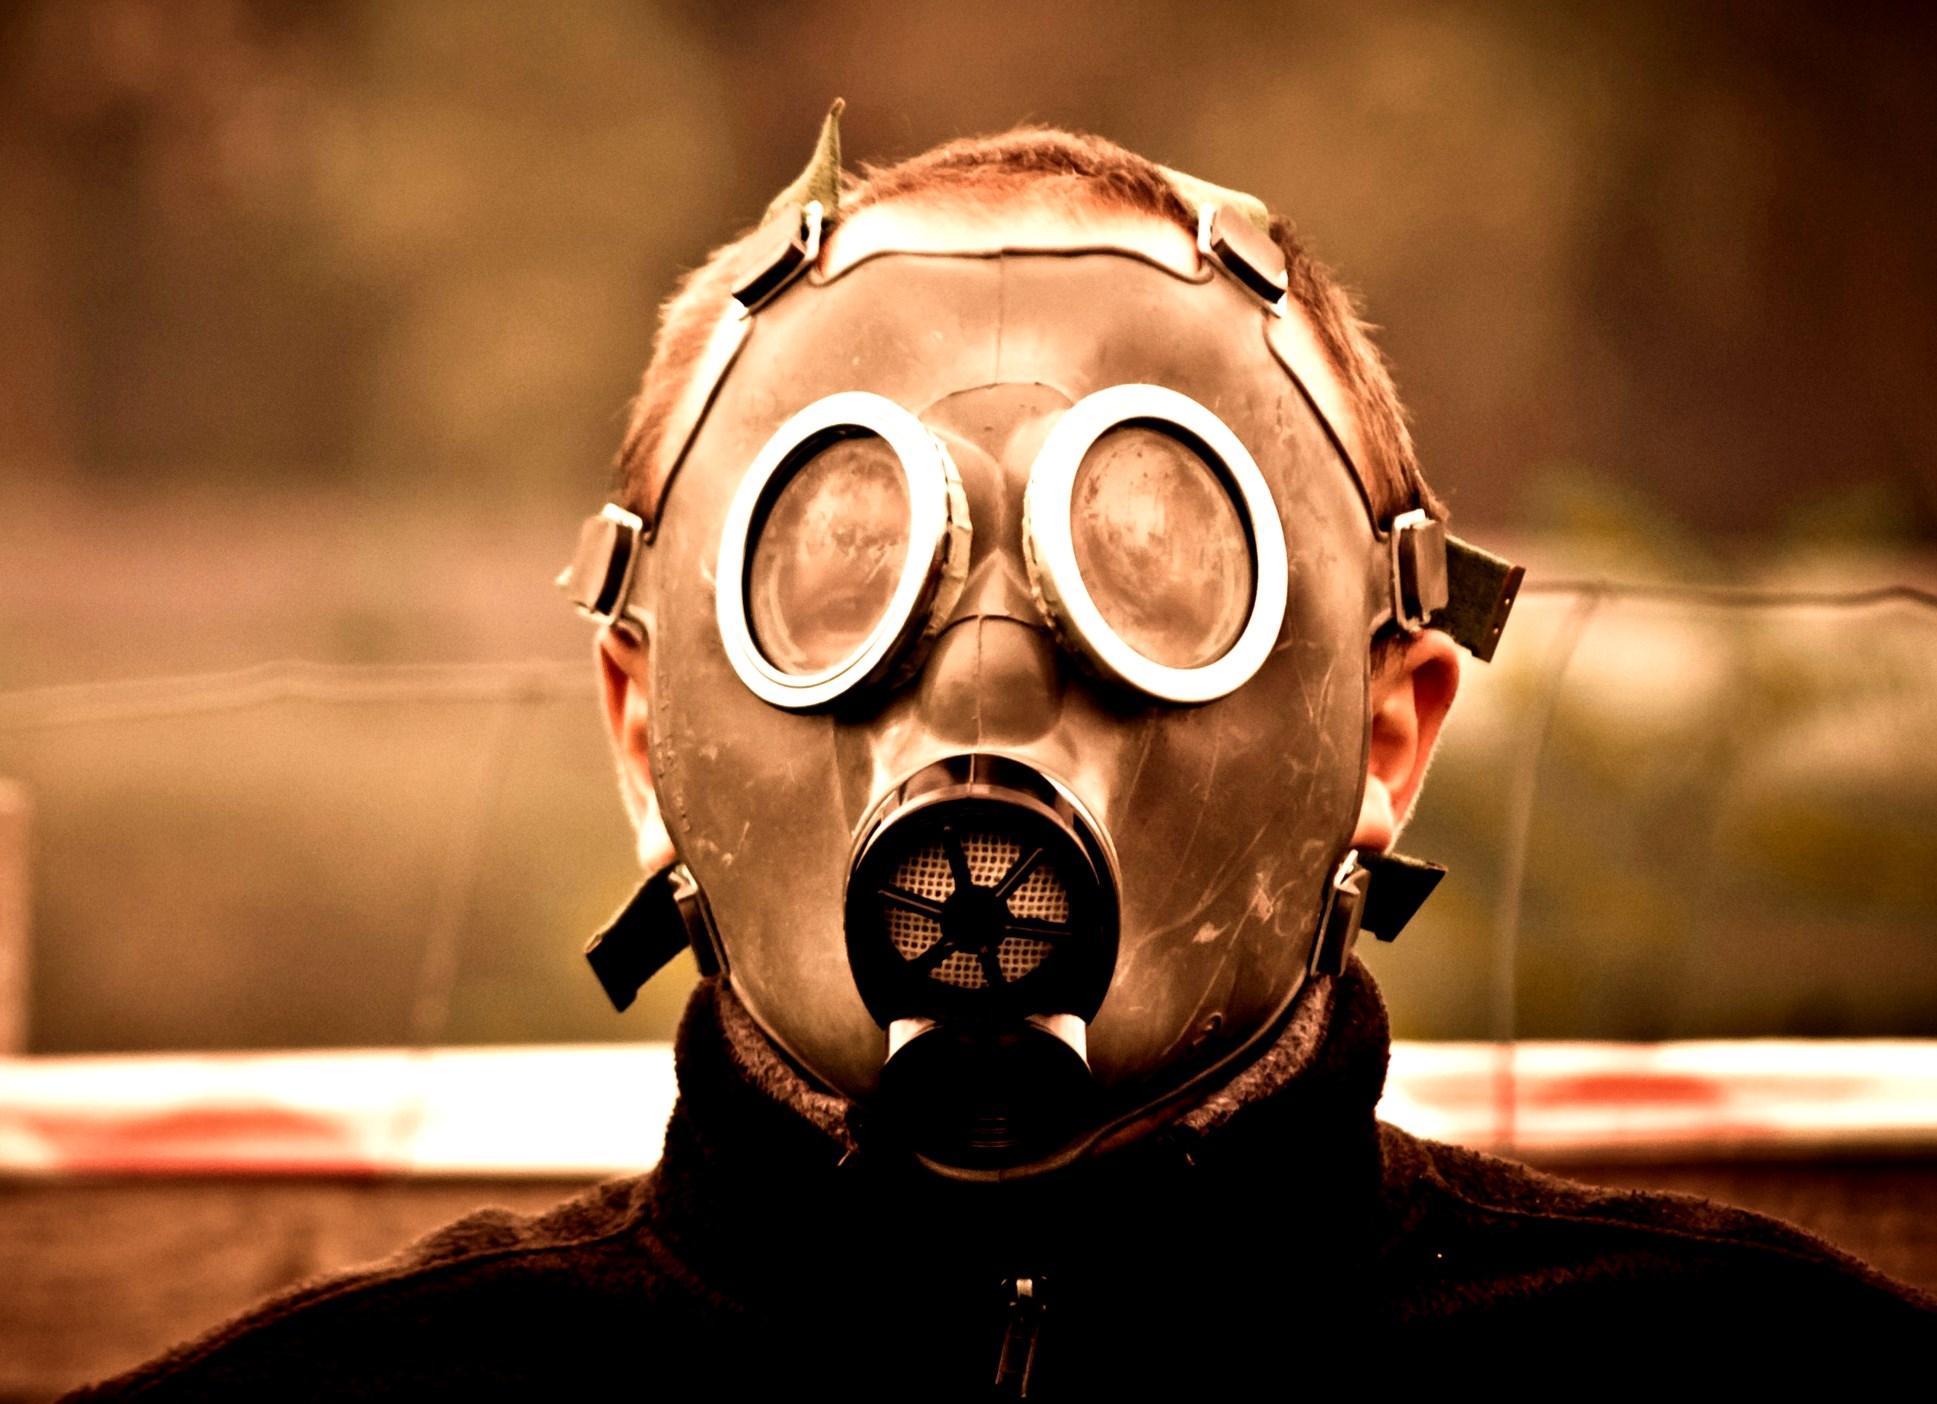 wer wird denn gleich panisch davon laufen oder die maske über den kopf ziehen